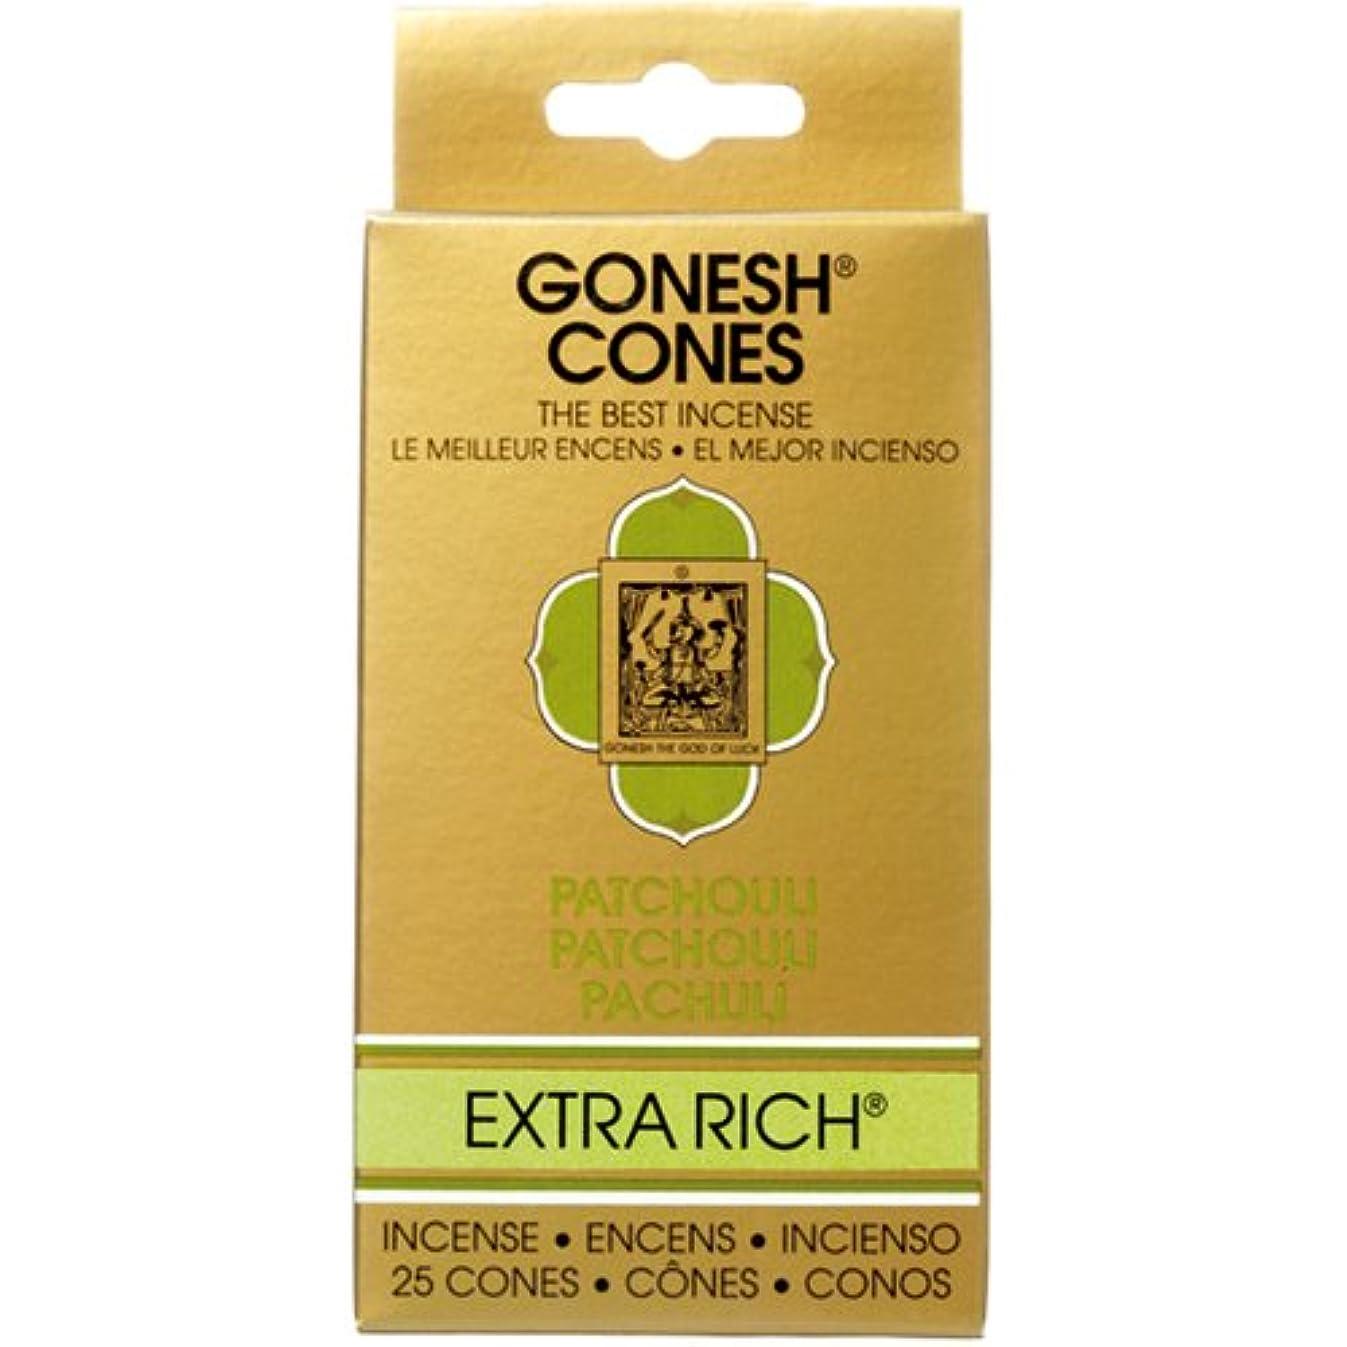 手つかずの飾る最適ガーネッシュ(GONESH) エクストラリッチ インセンス コーン パチュリ 25個入(お香)